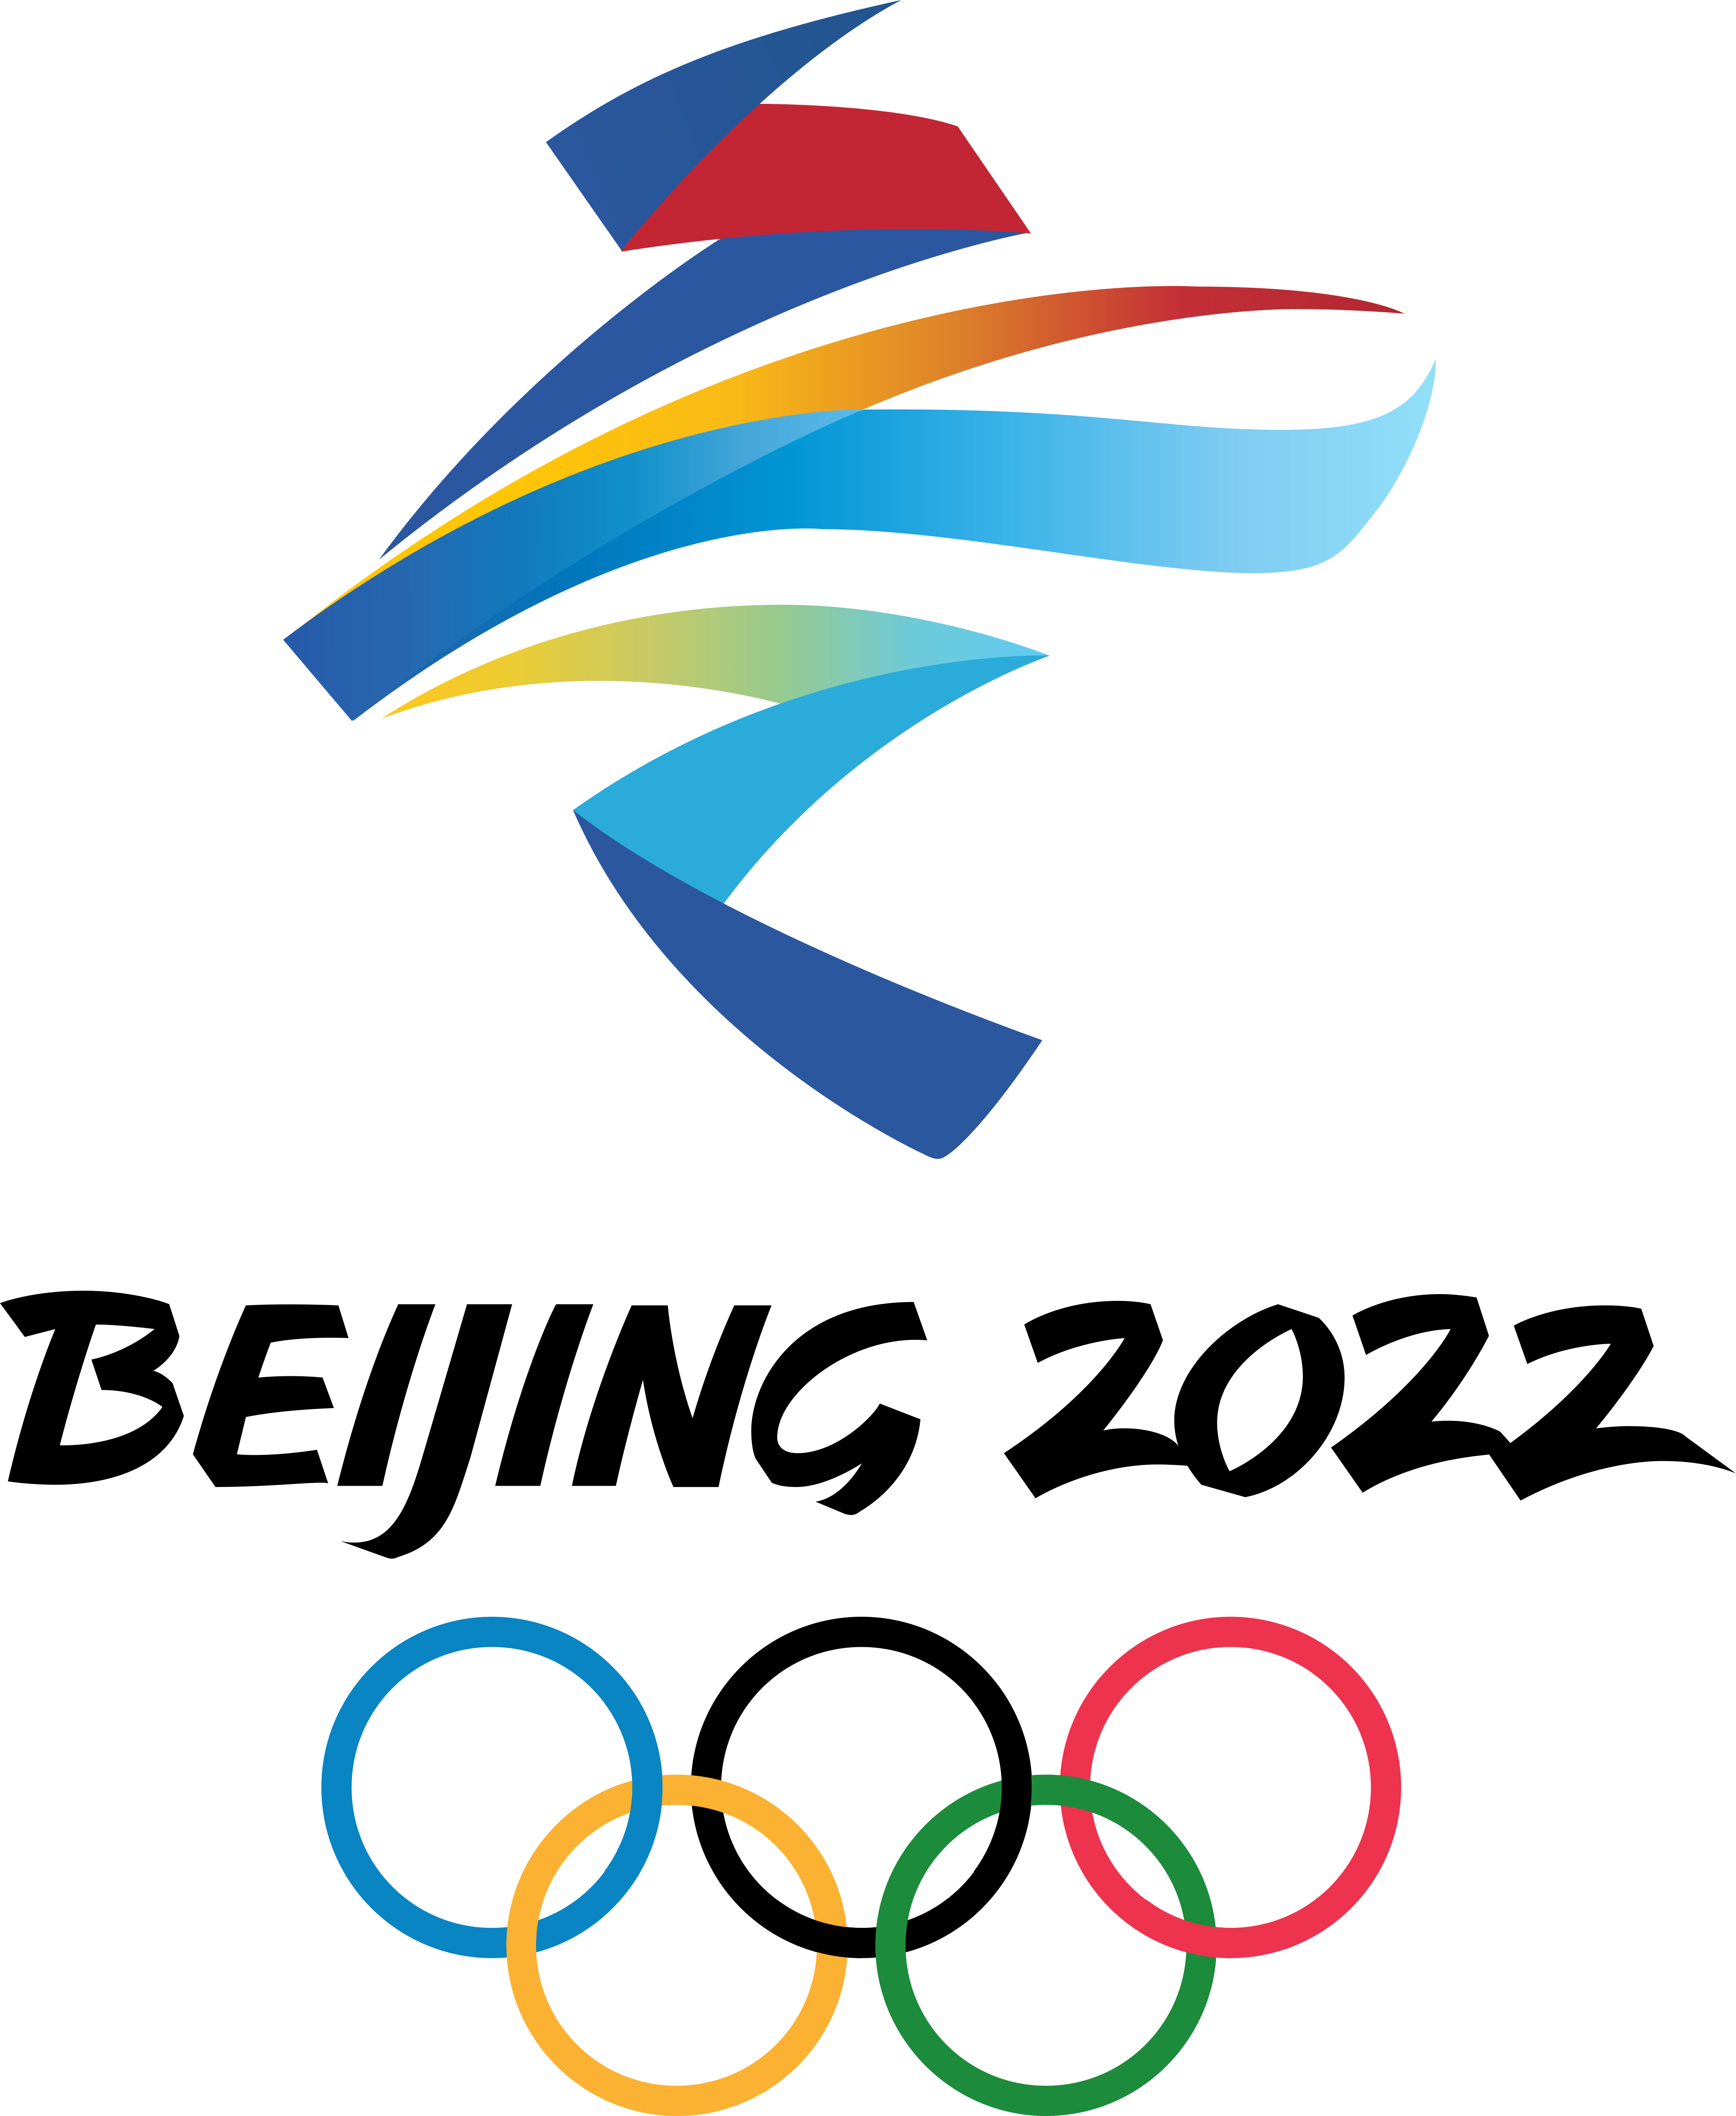 beijing 2022 logo - Pekín 2022 Logo